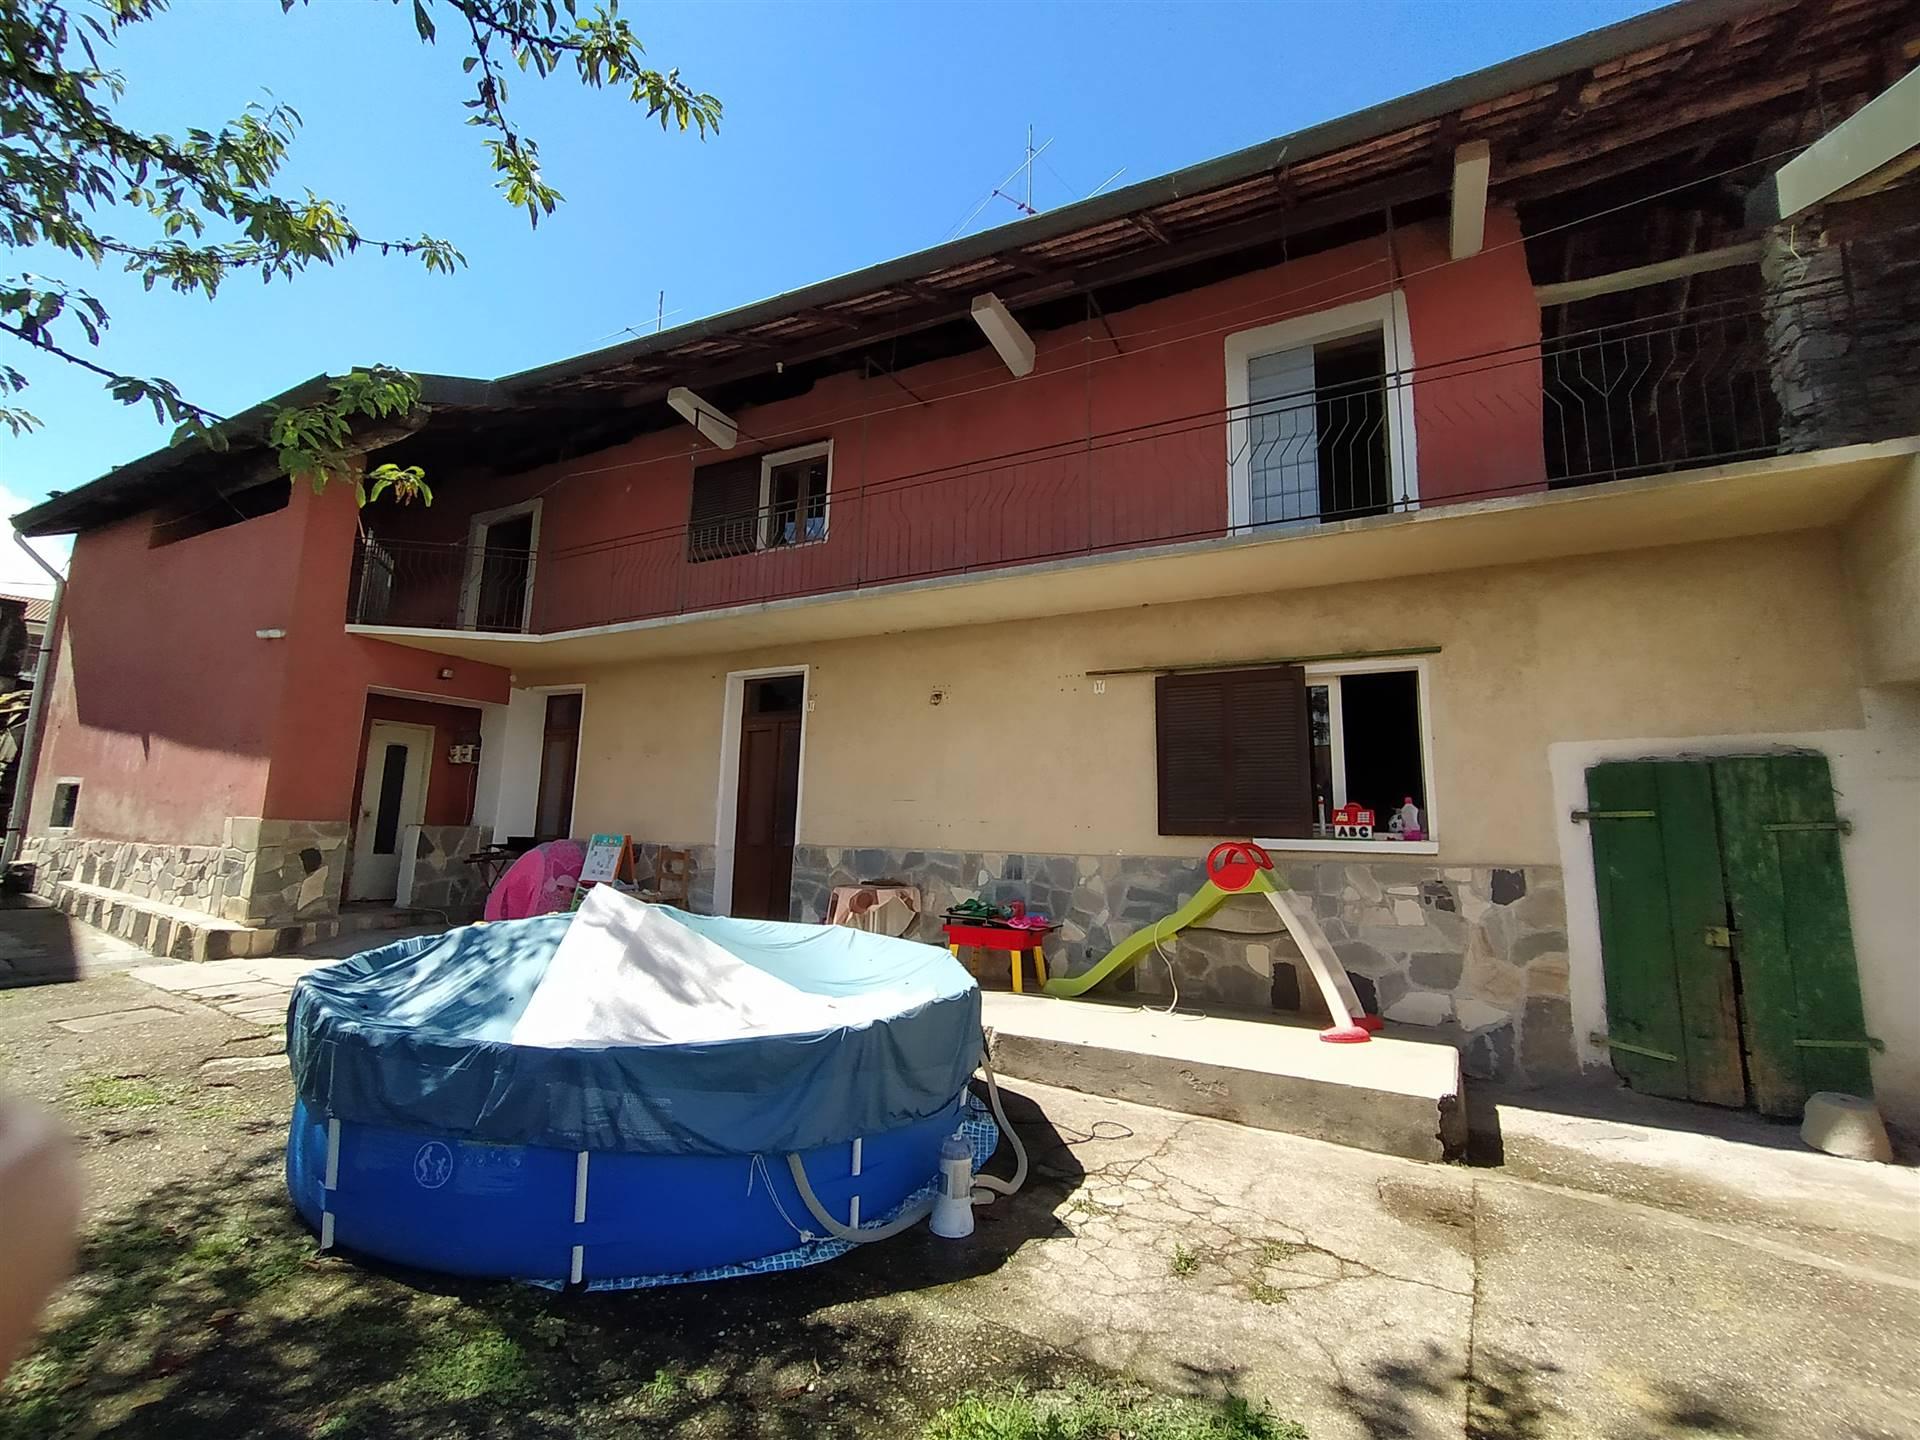 Soluzione Indipendente in vendita a San Maurizio d'Opaglio, 7 locali, zona olo, prezzo € 77.000 | PortaleAgenzieImmobiliari.it